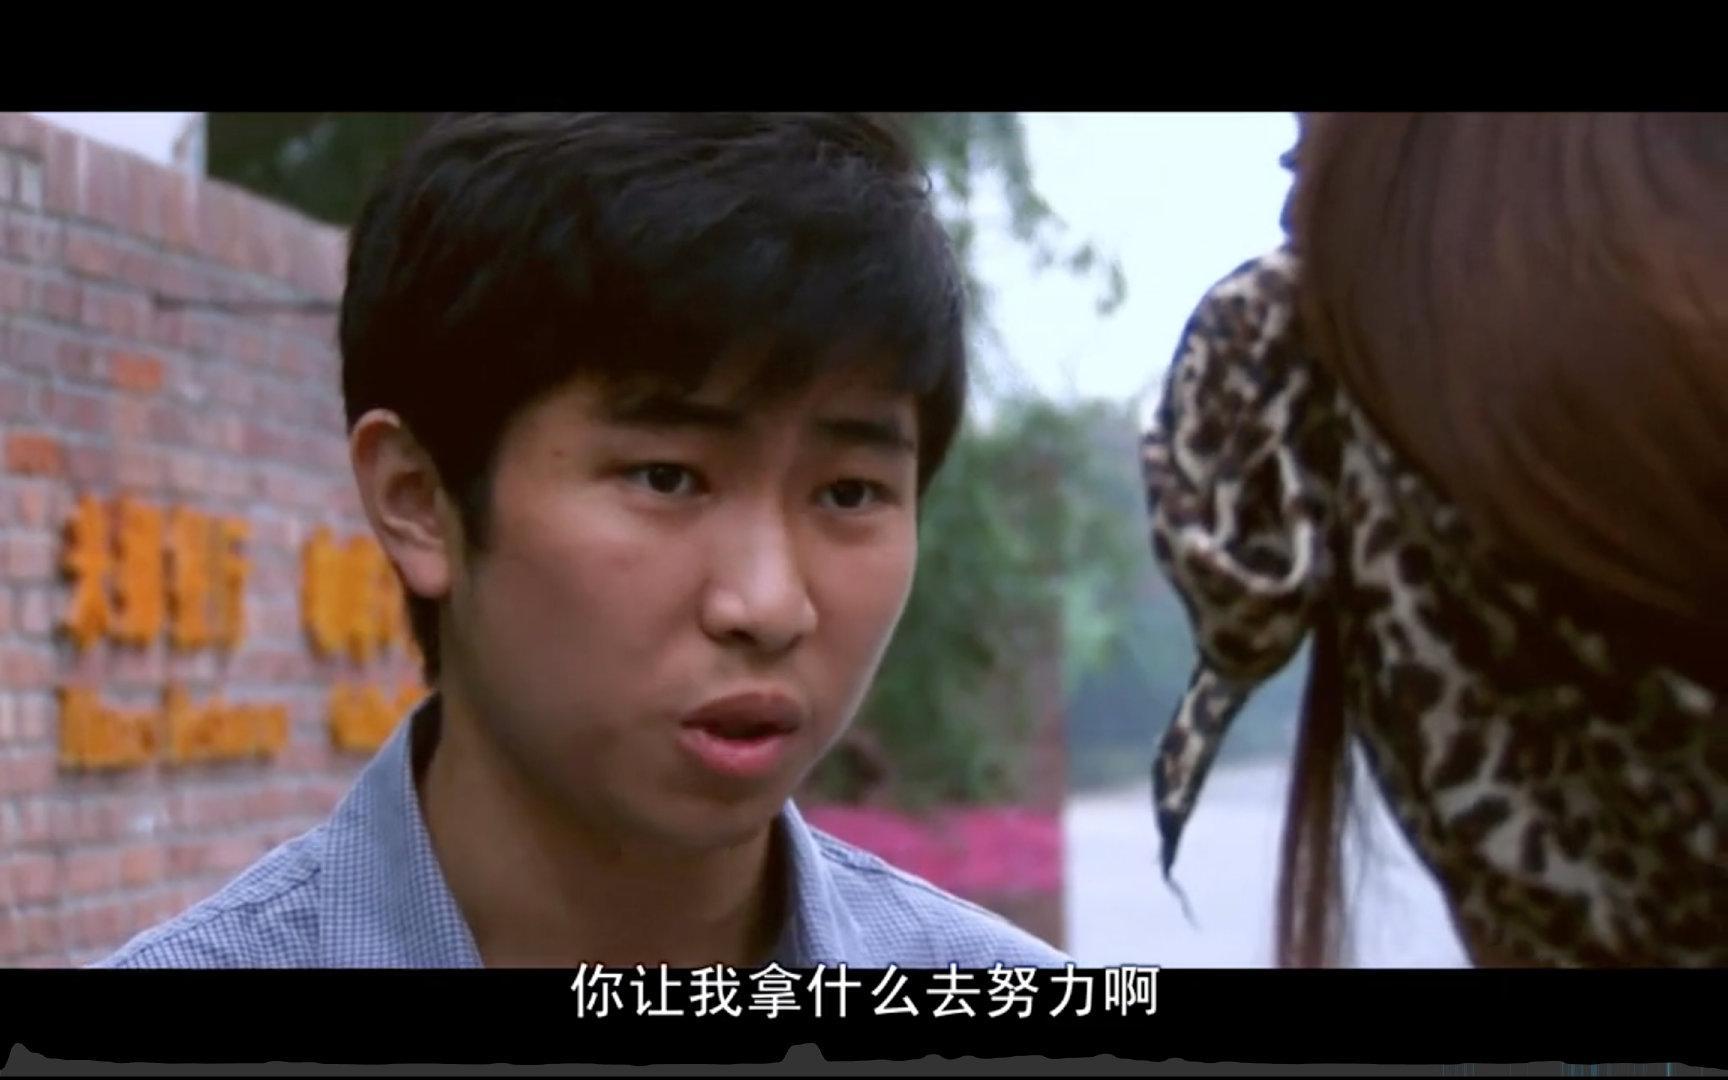 看完了《你好李焕英》,我却想到了去年看到的一本网络小说……